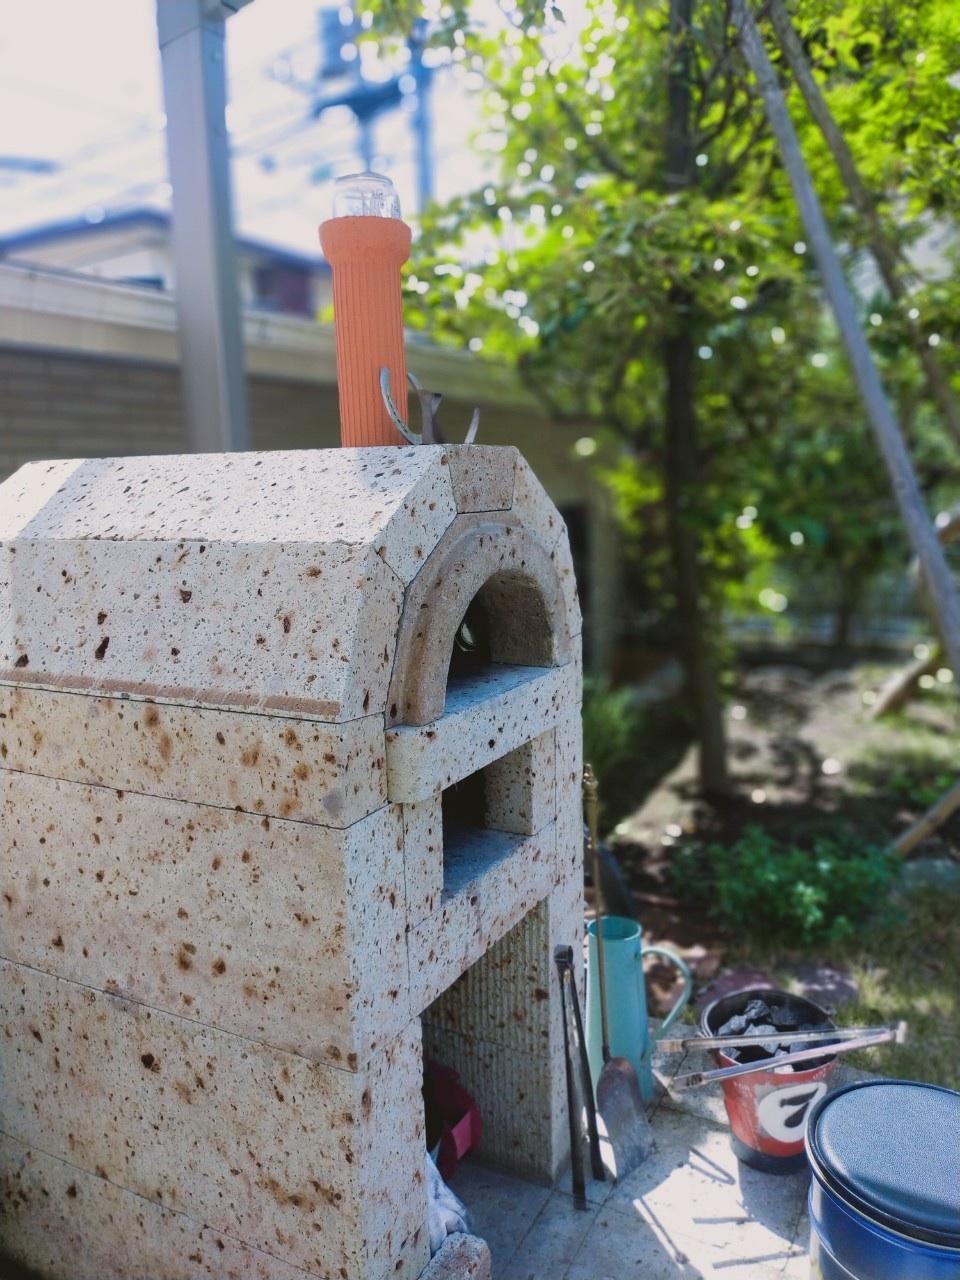 きれい色パフスリーブで石窯ガーデンランチ♪_1_2-1